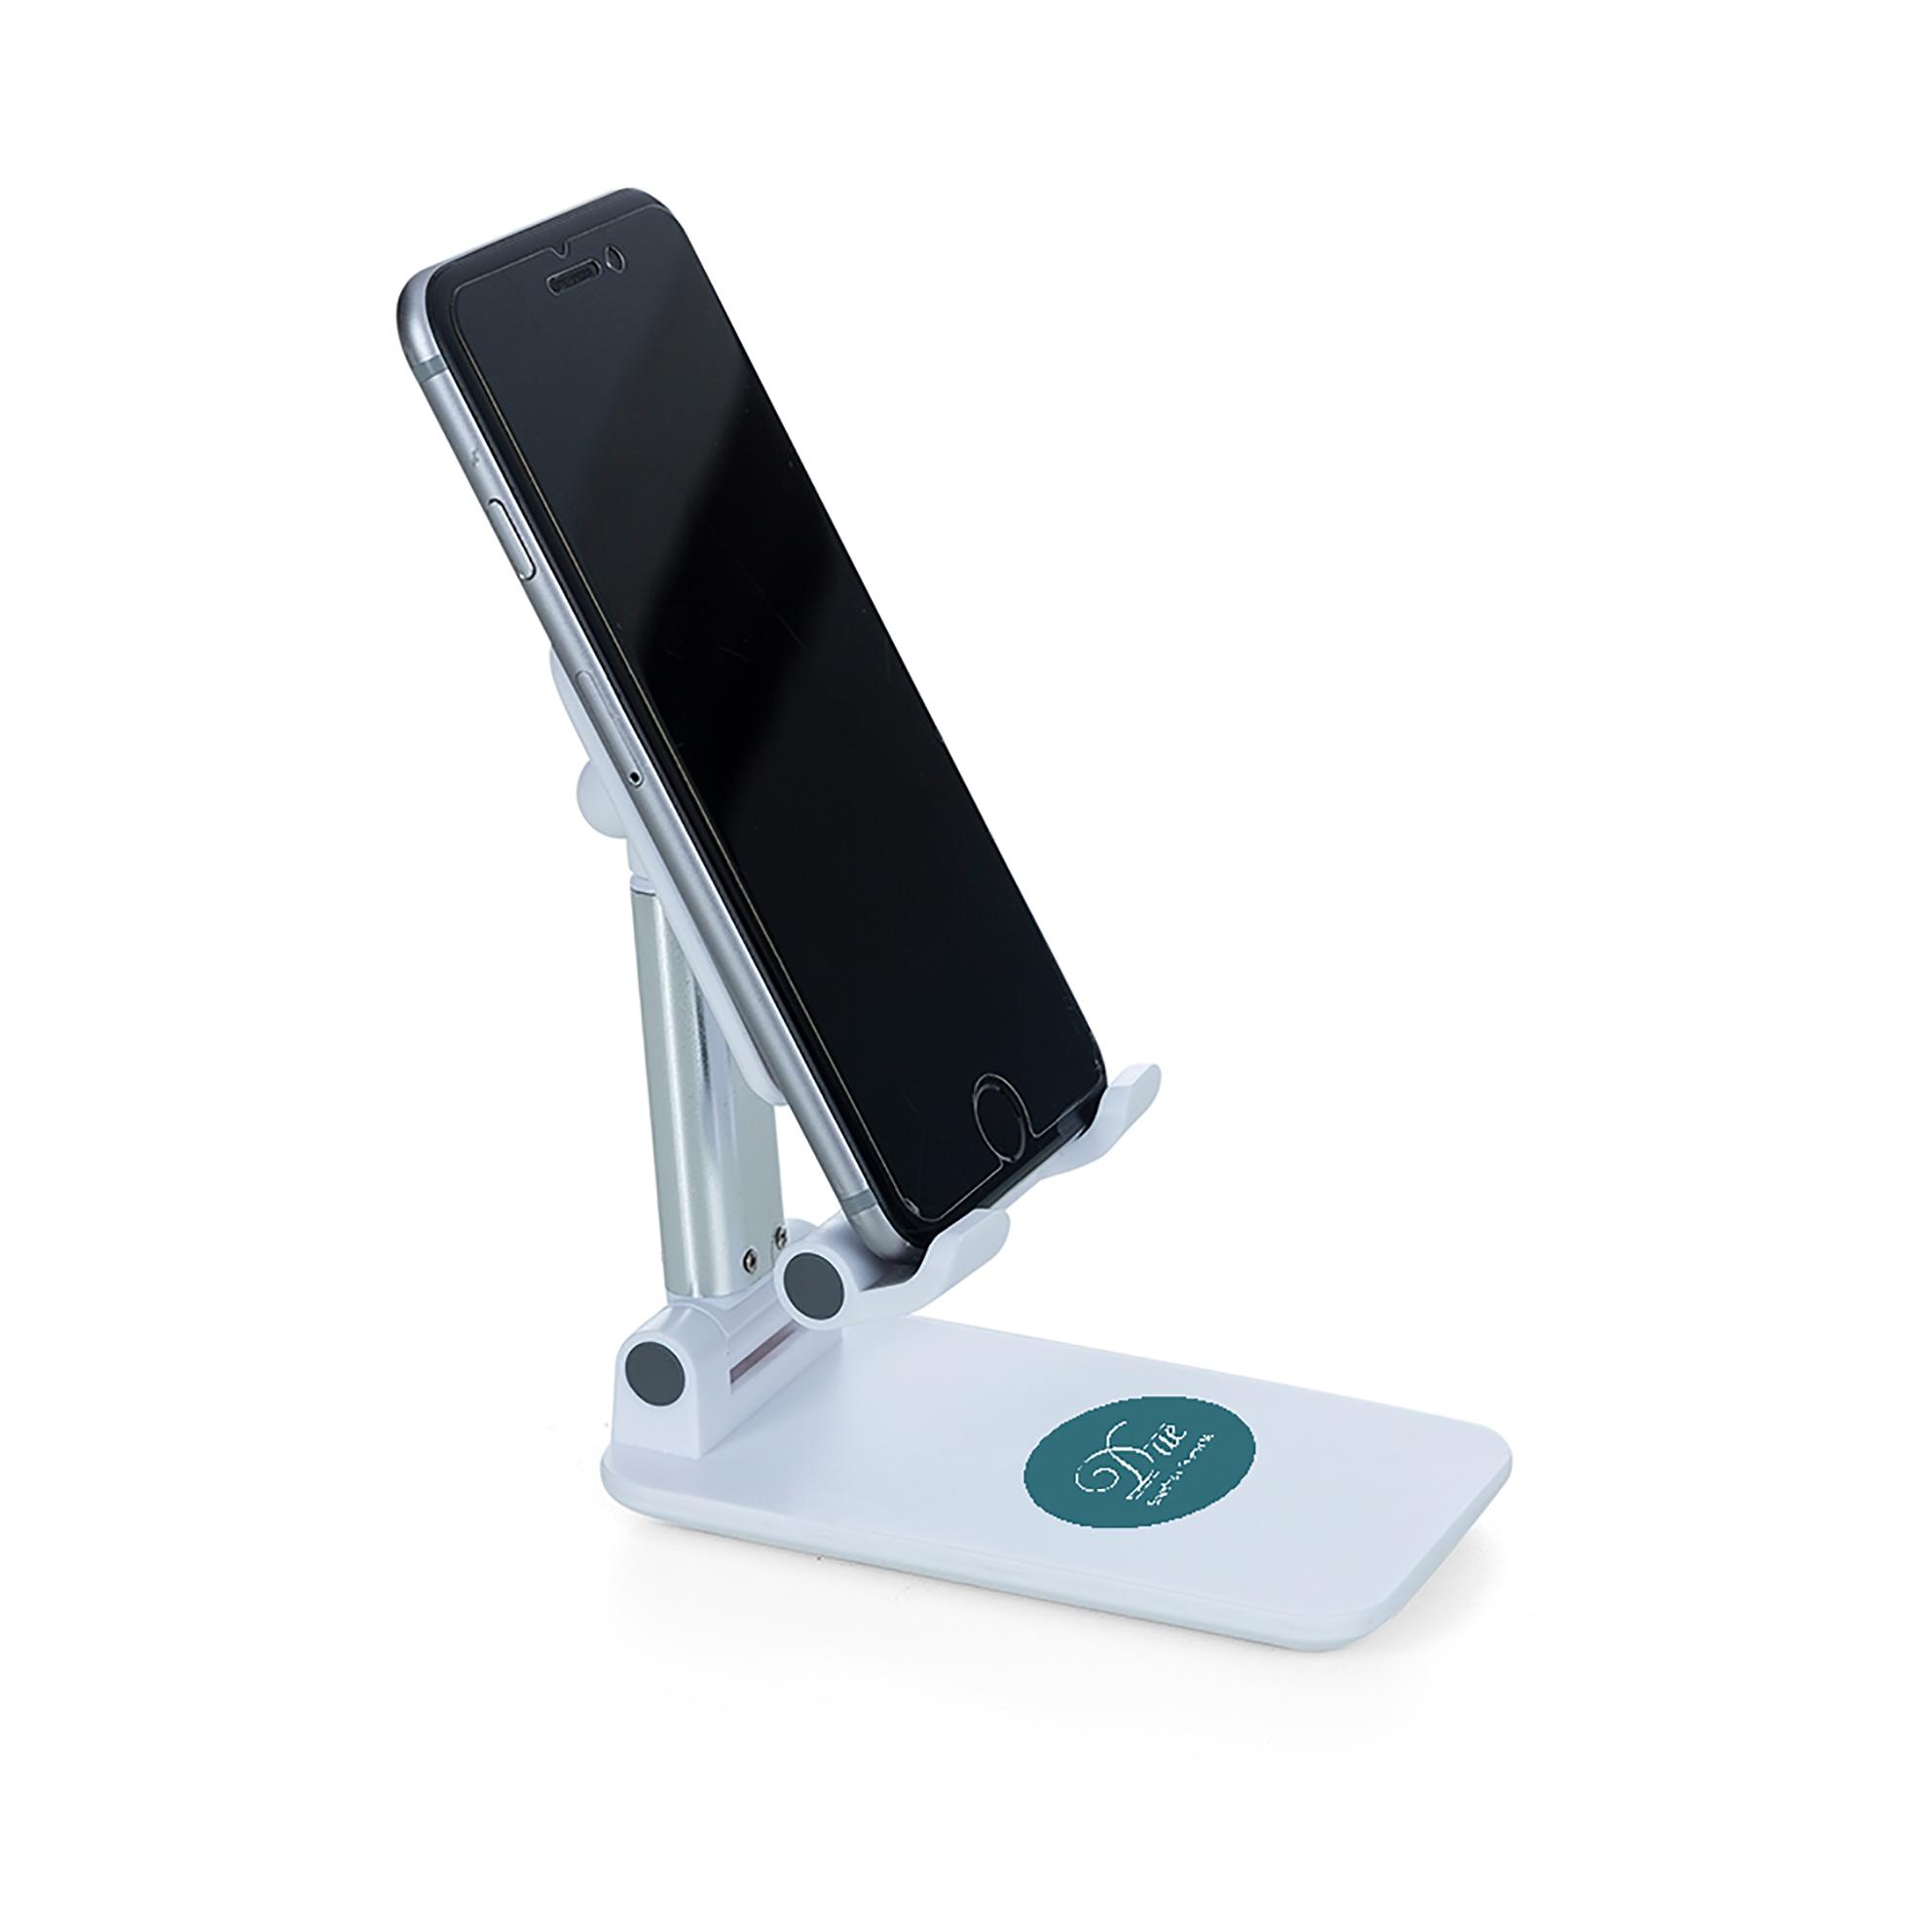 Suporte-Retratil-para-Celular-e-Tablet-12524d6-1611947328